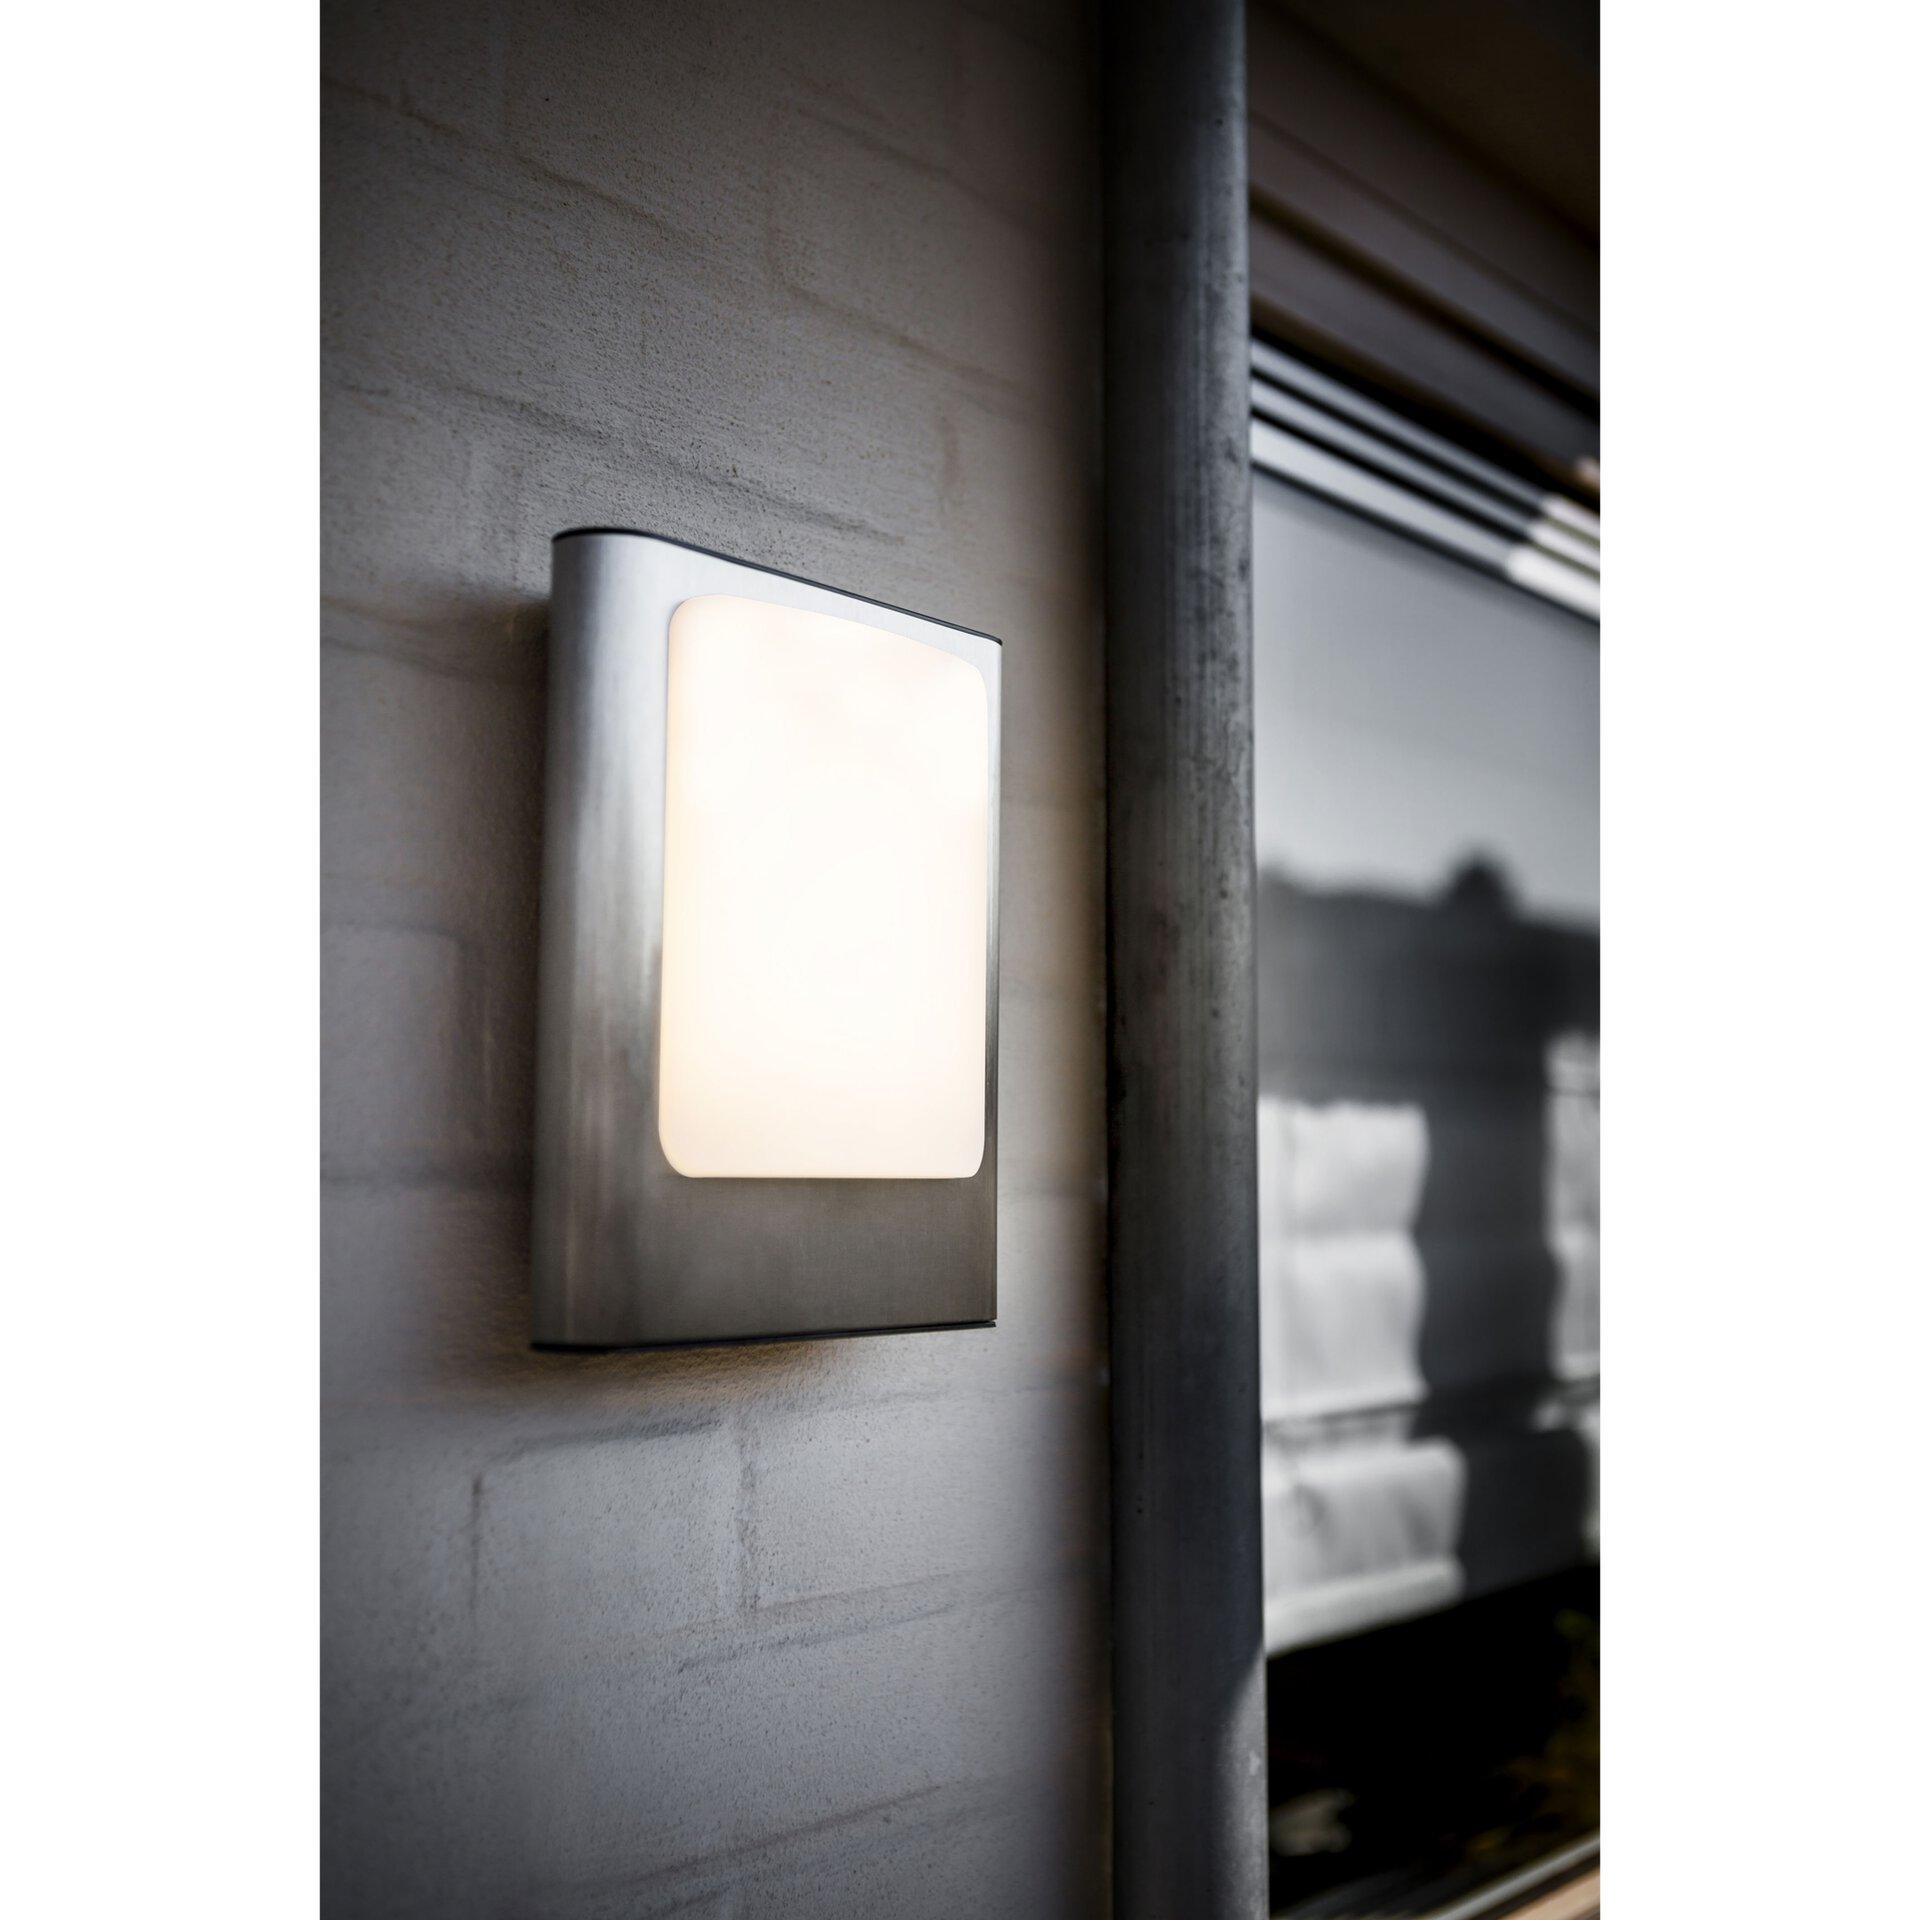 Wand-Aussenleuchte Face Eco-Light Metall 19 x 24 x 7 cm